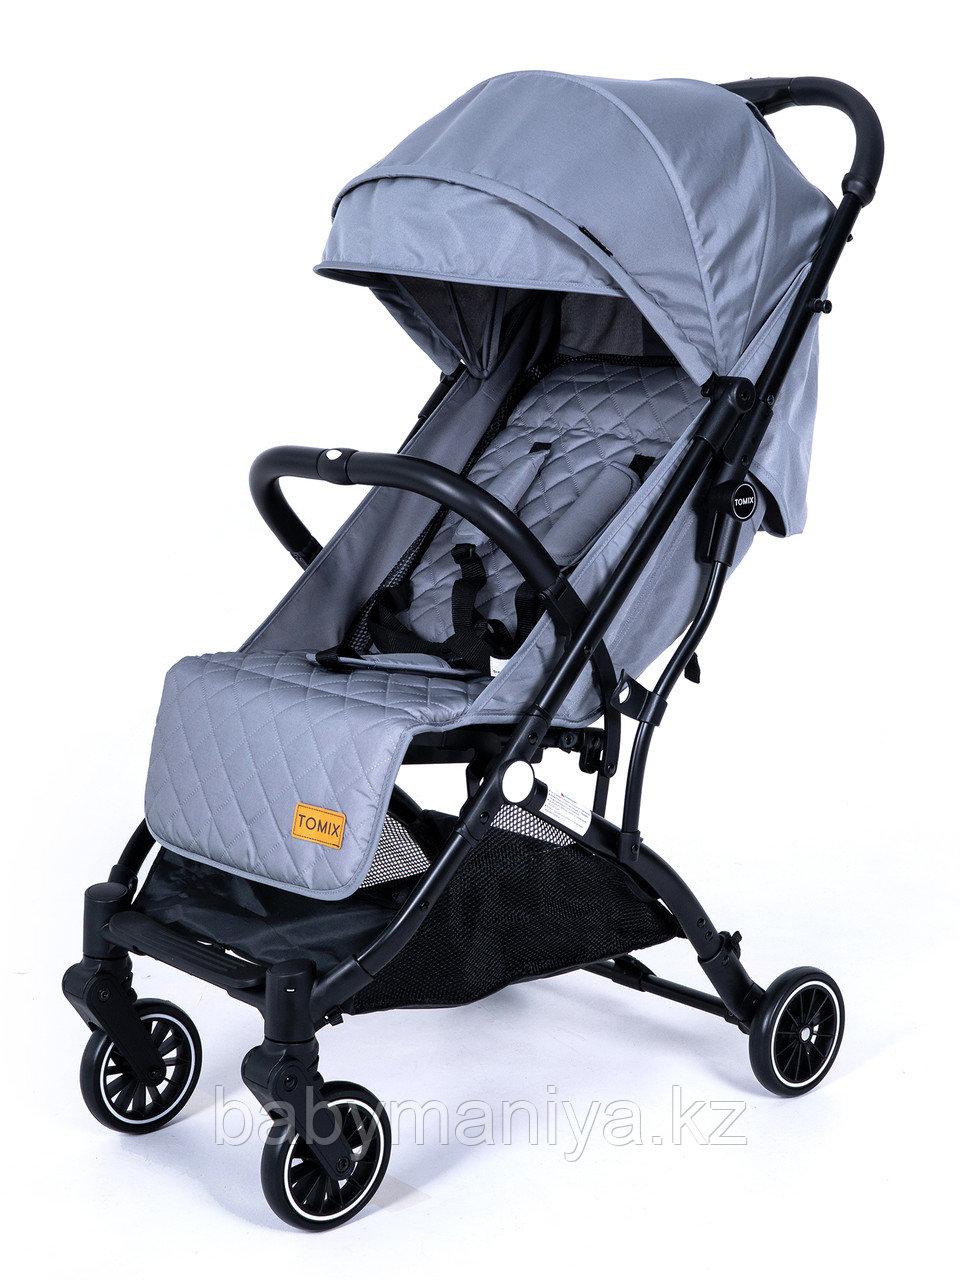 Прогулочная коляска Tomix LUNA (Grey)